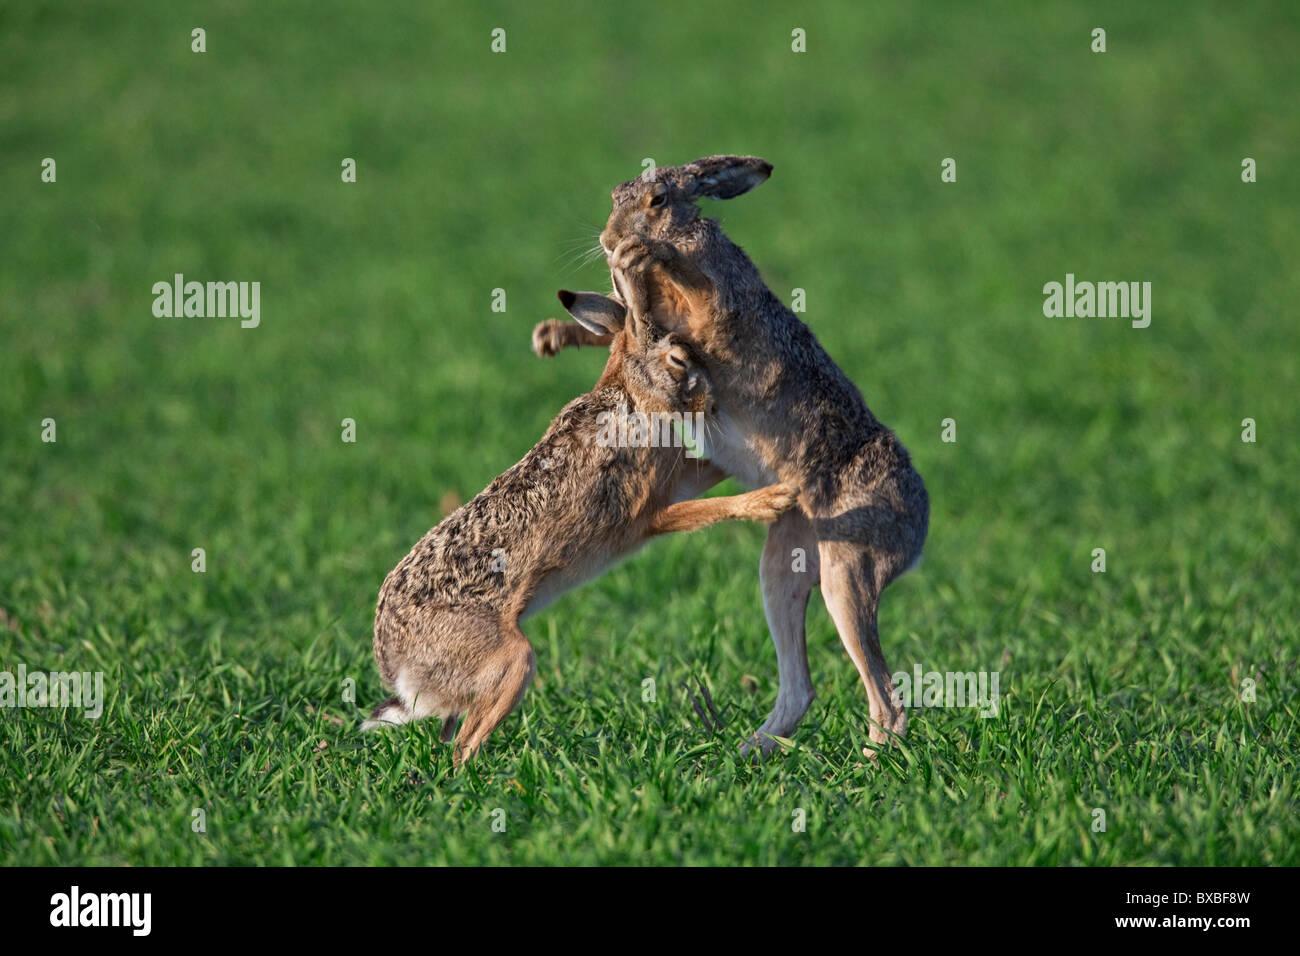 Pardo europeo liebres (Lepus europaeus) / boxeo combates en campo durante la temporada de cría, Alemania Imagen De Stock